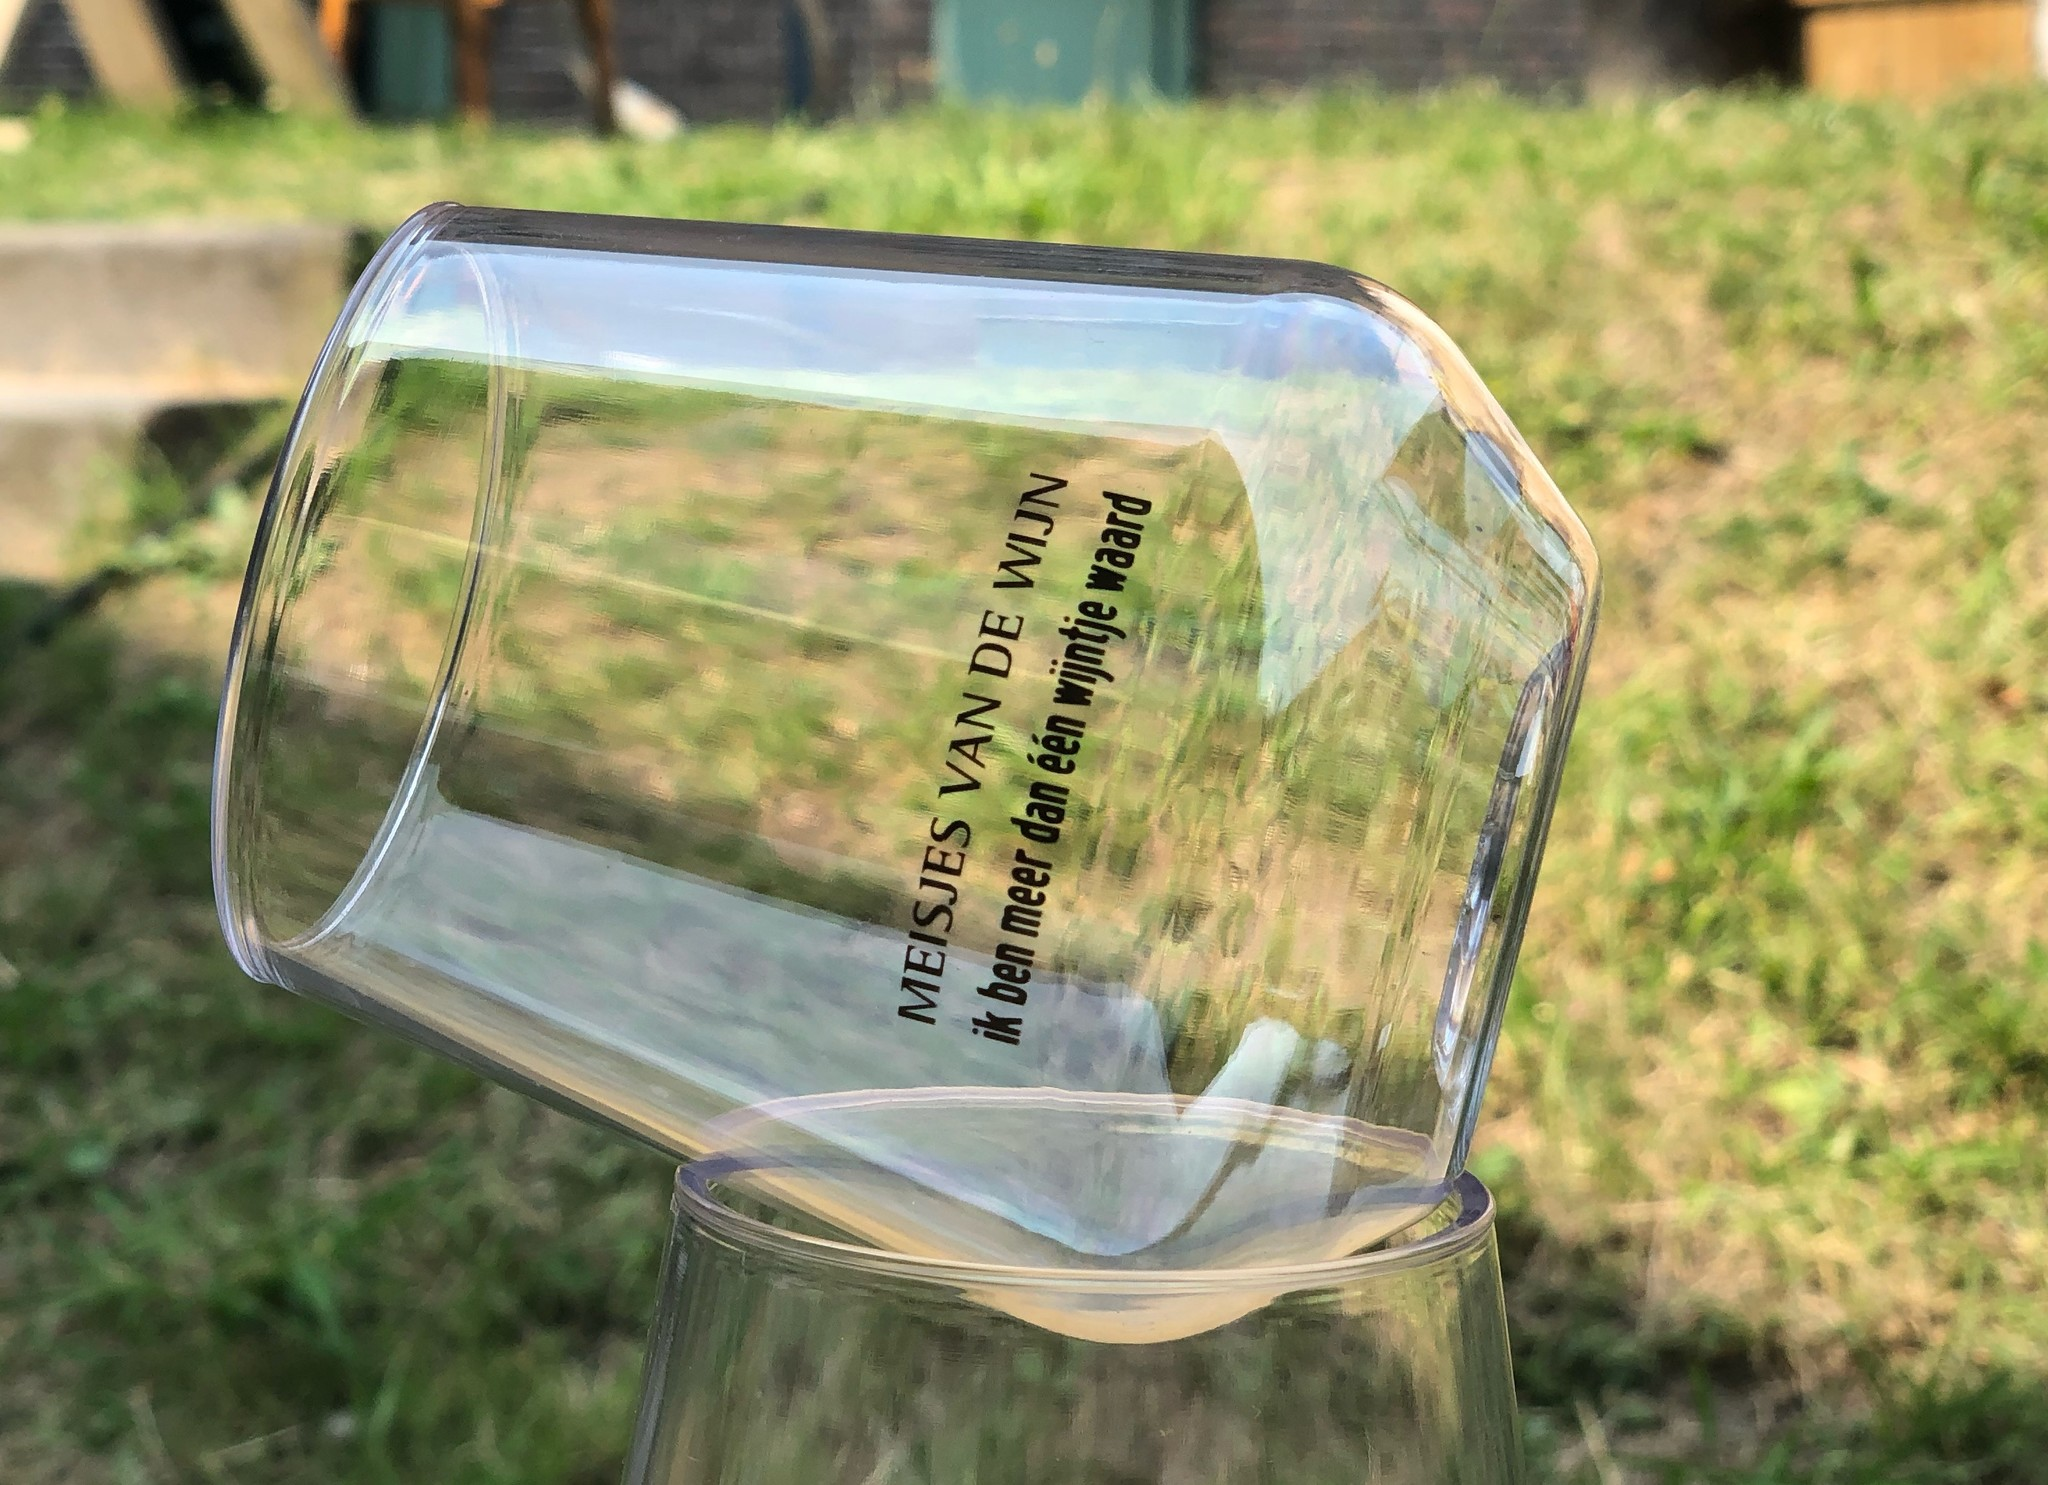 MvdW Meisjes van de Wijn Festivalglass (plastic)